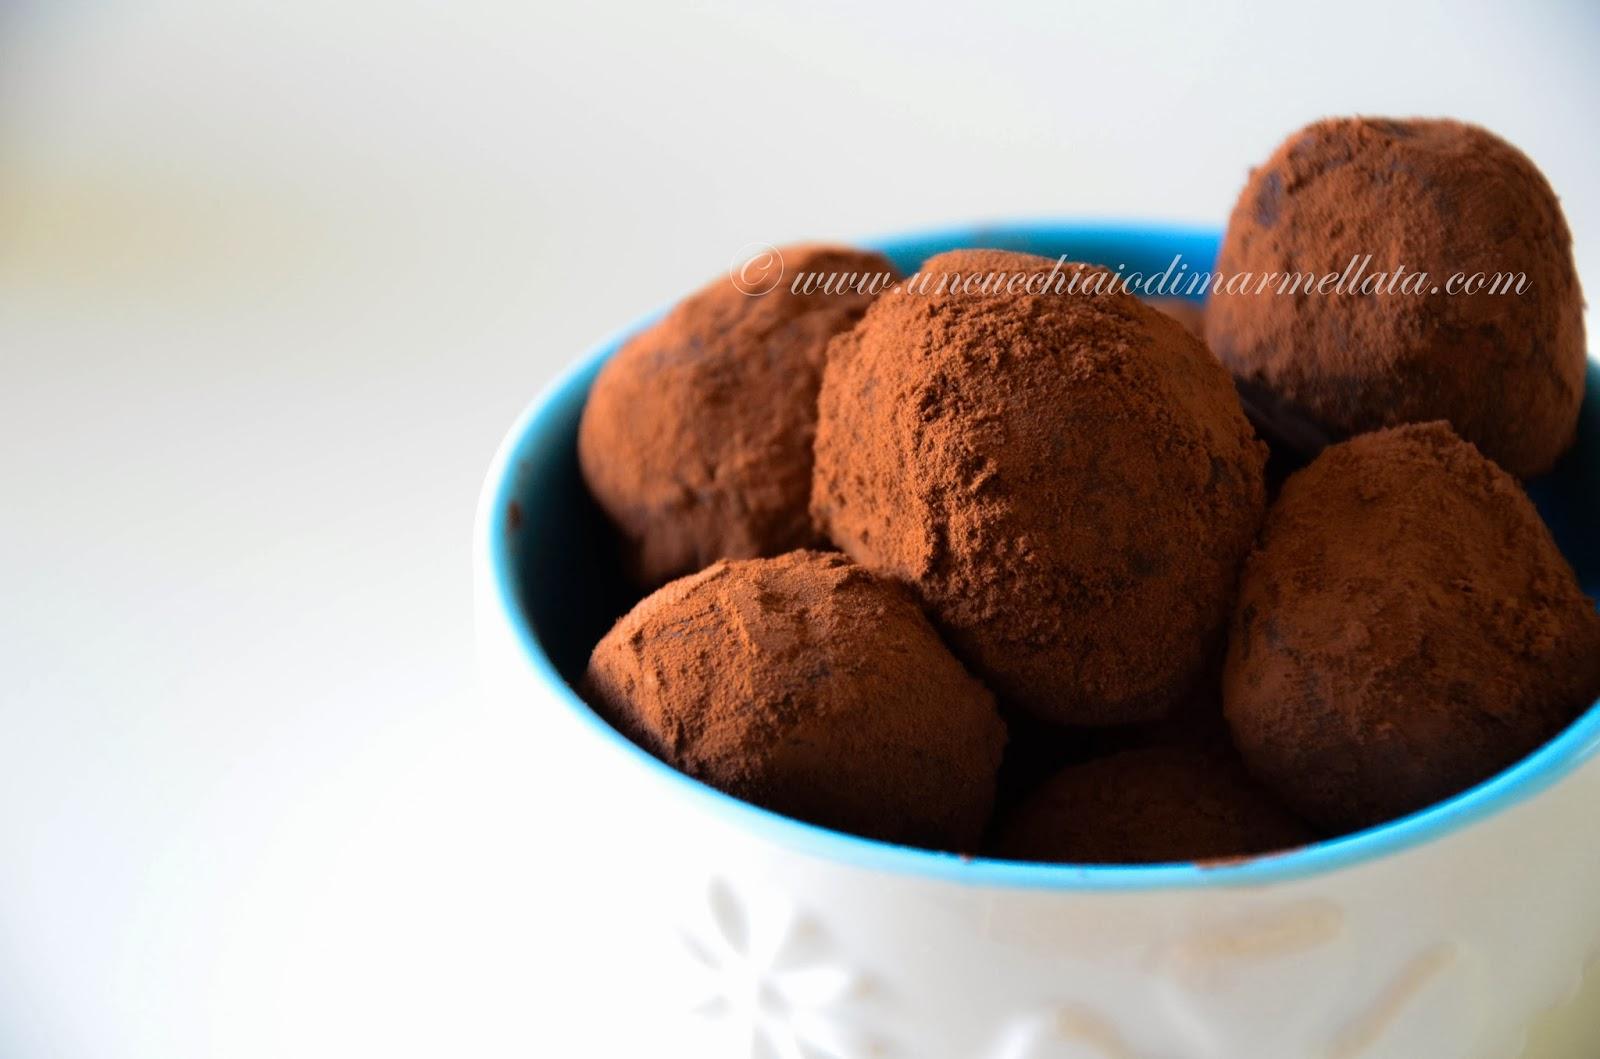 tartufi di cioccolato all'arancia